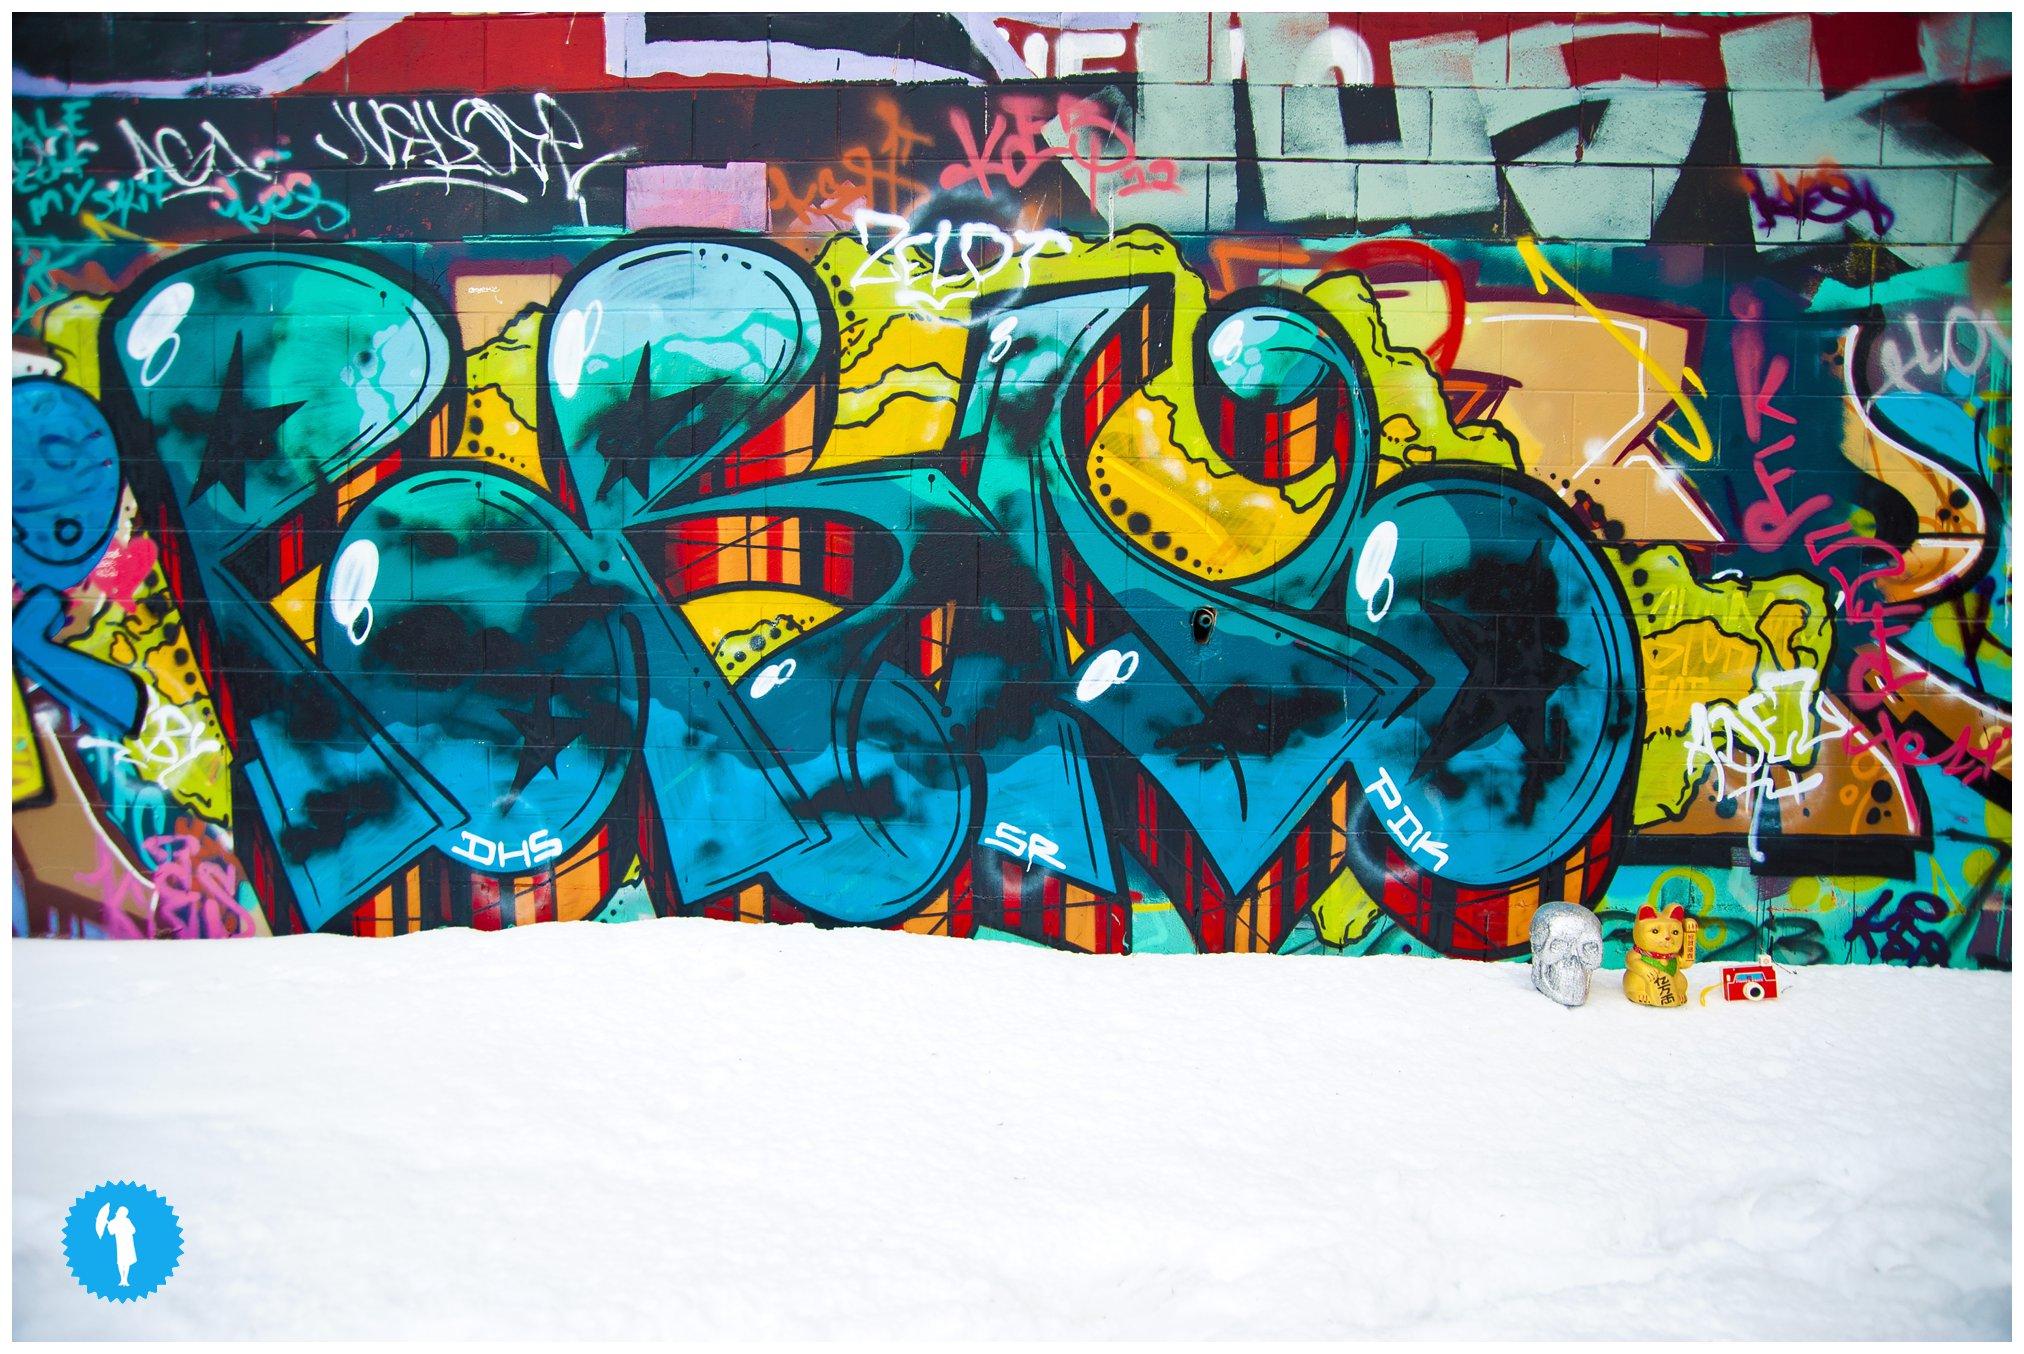 Emily Beatty Imagery graffiti.